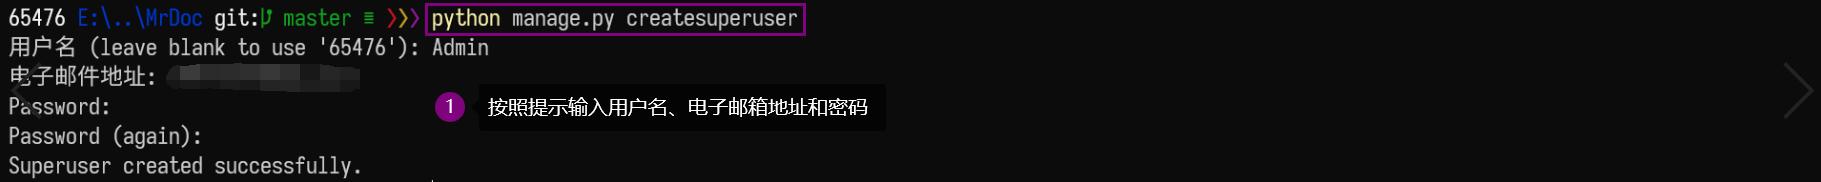 """推薦個開源線上文件,助道友領悟 Django 之""""道"""""""